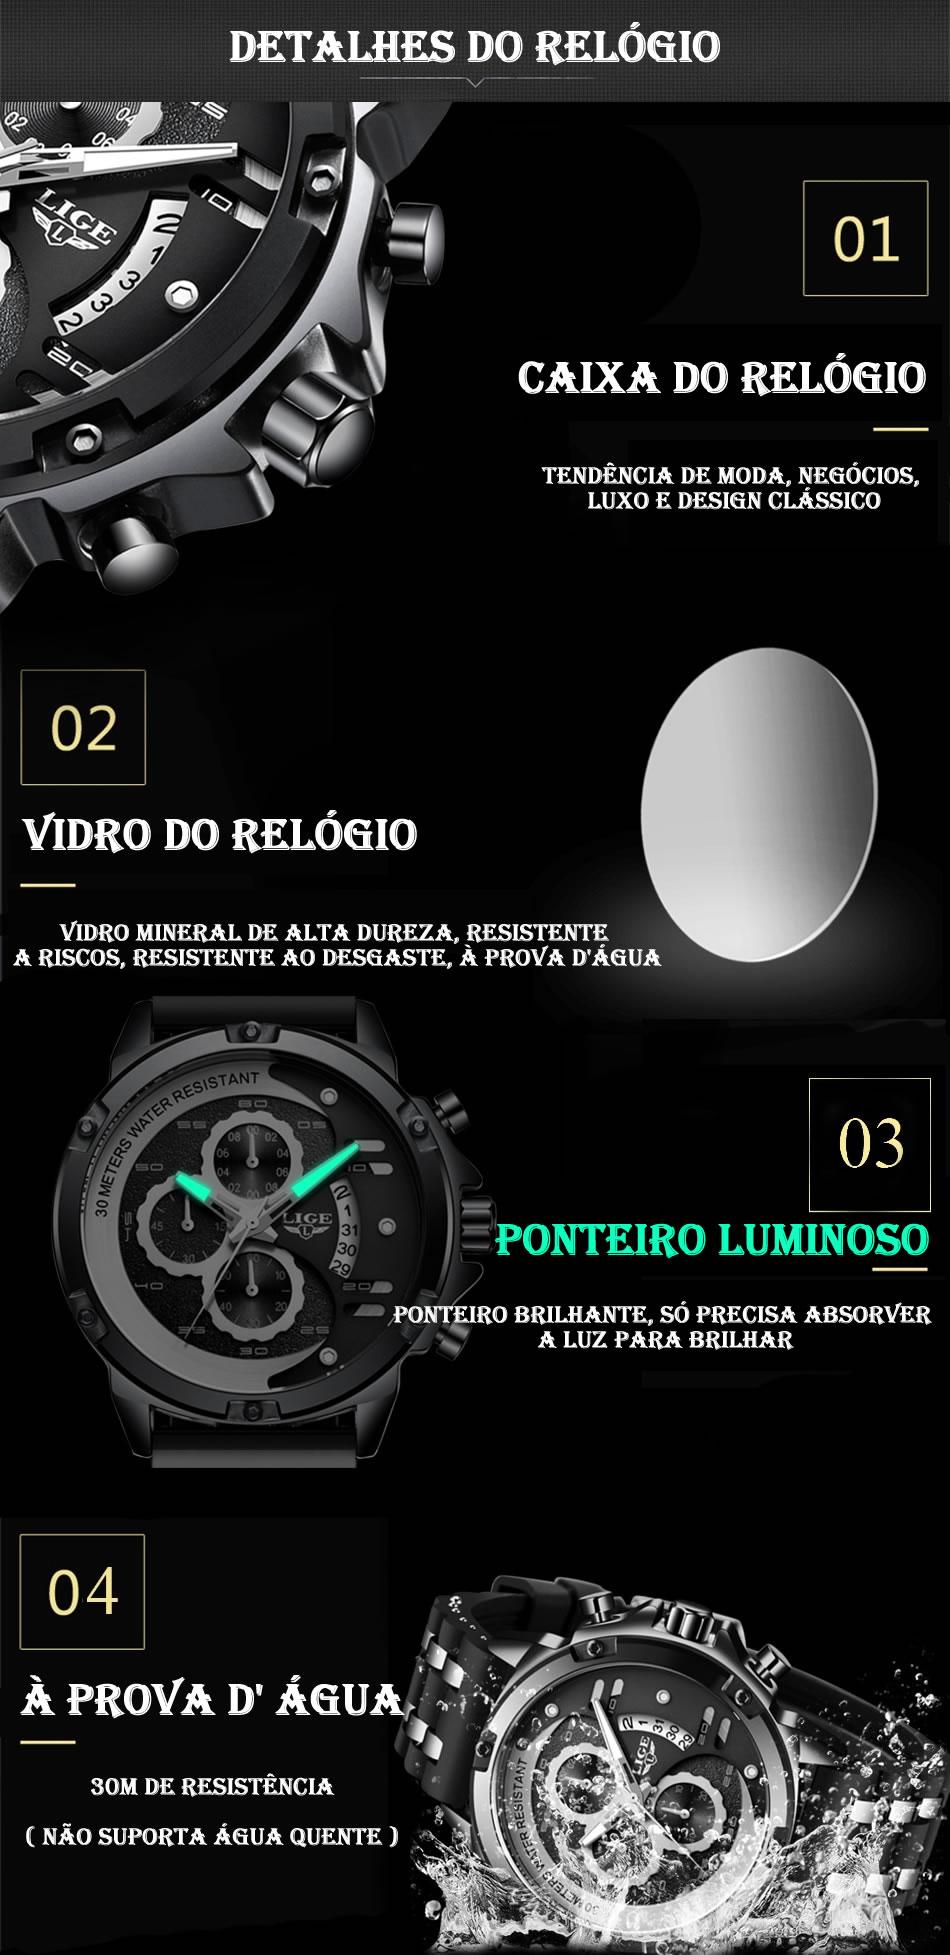 Relógio LIGE 9906 Empire Vip Detalhes